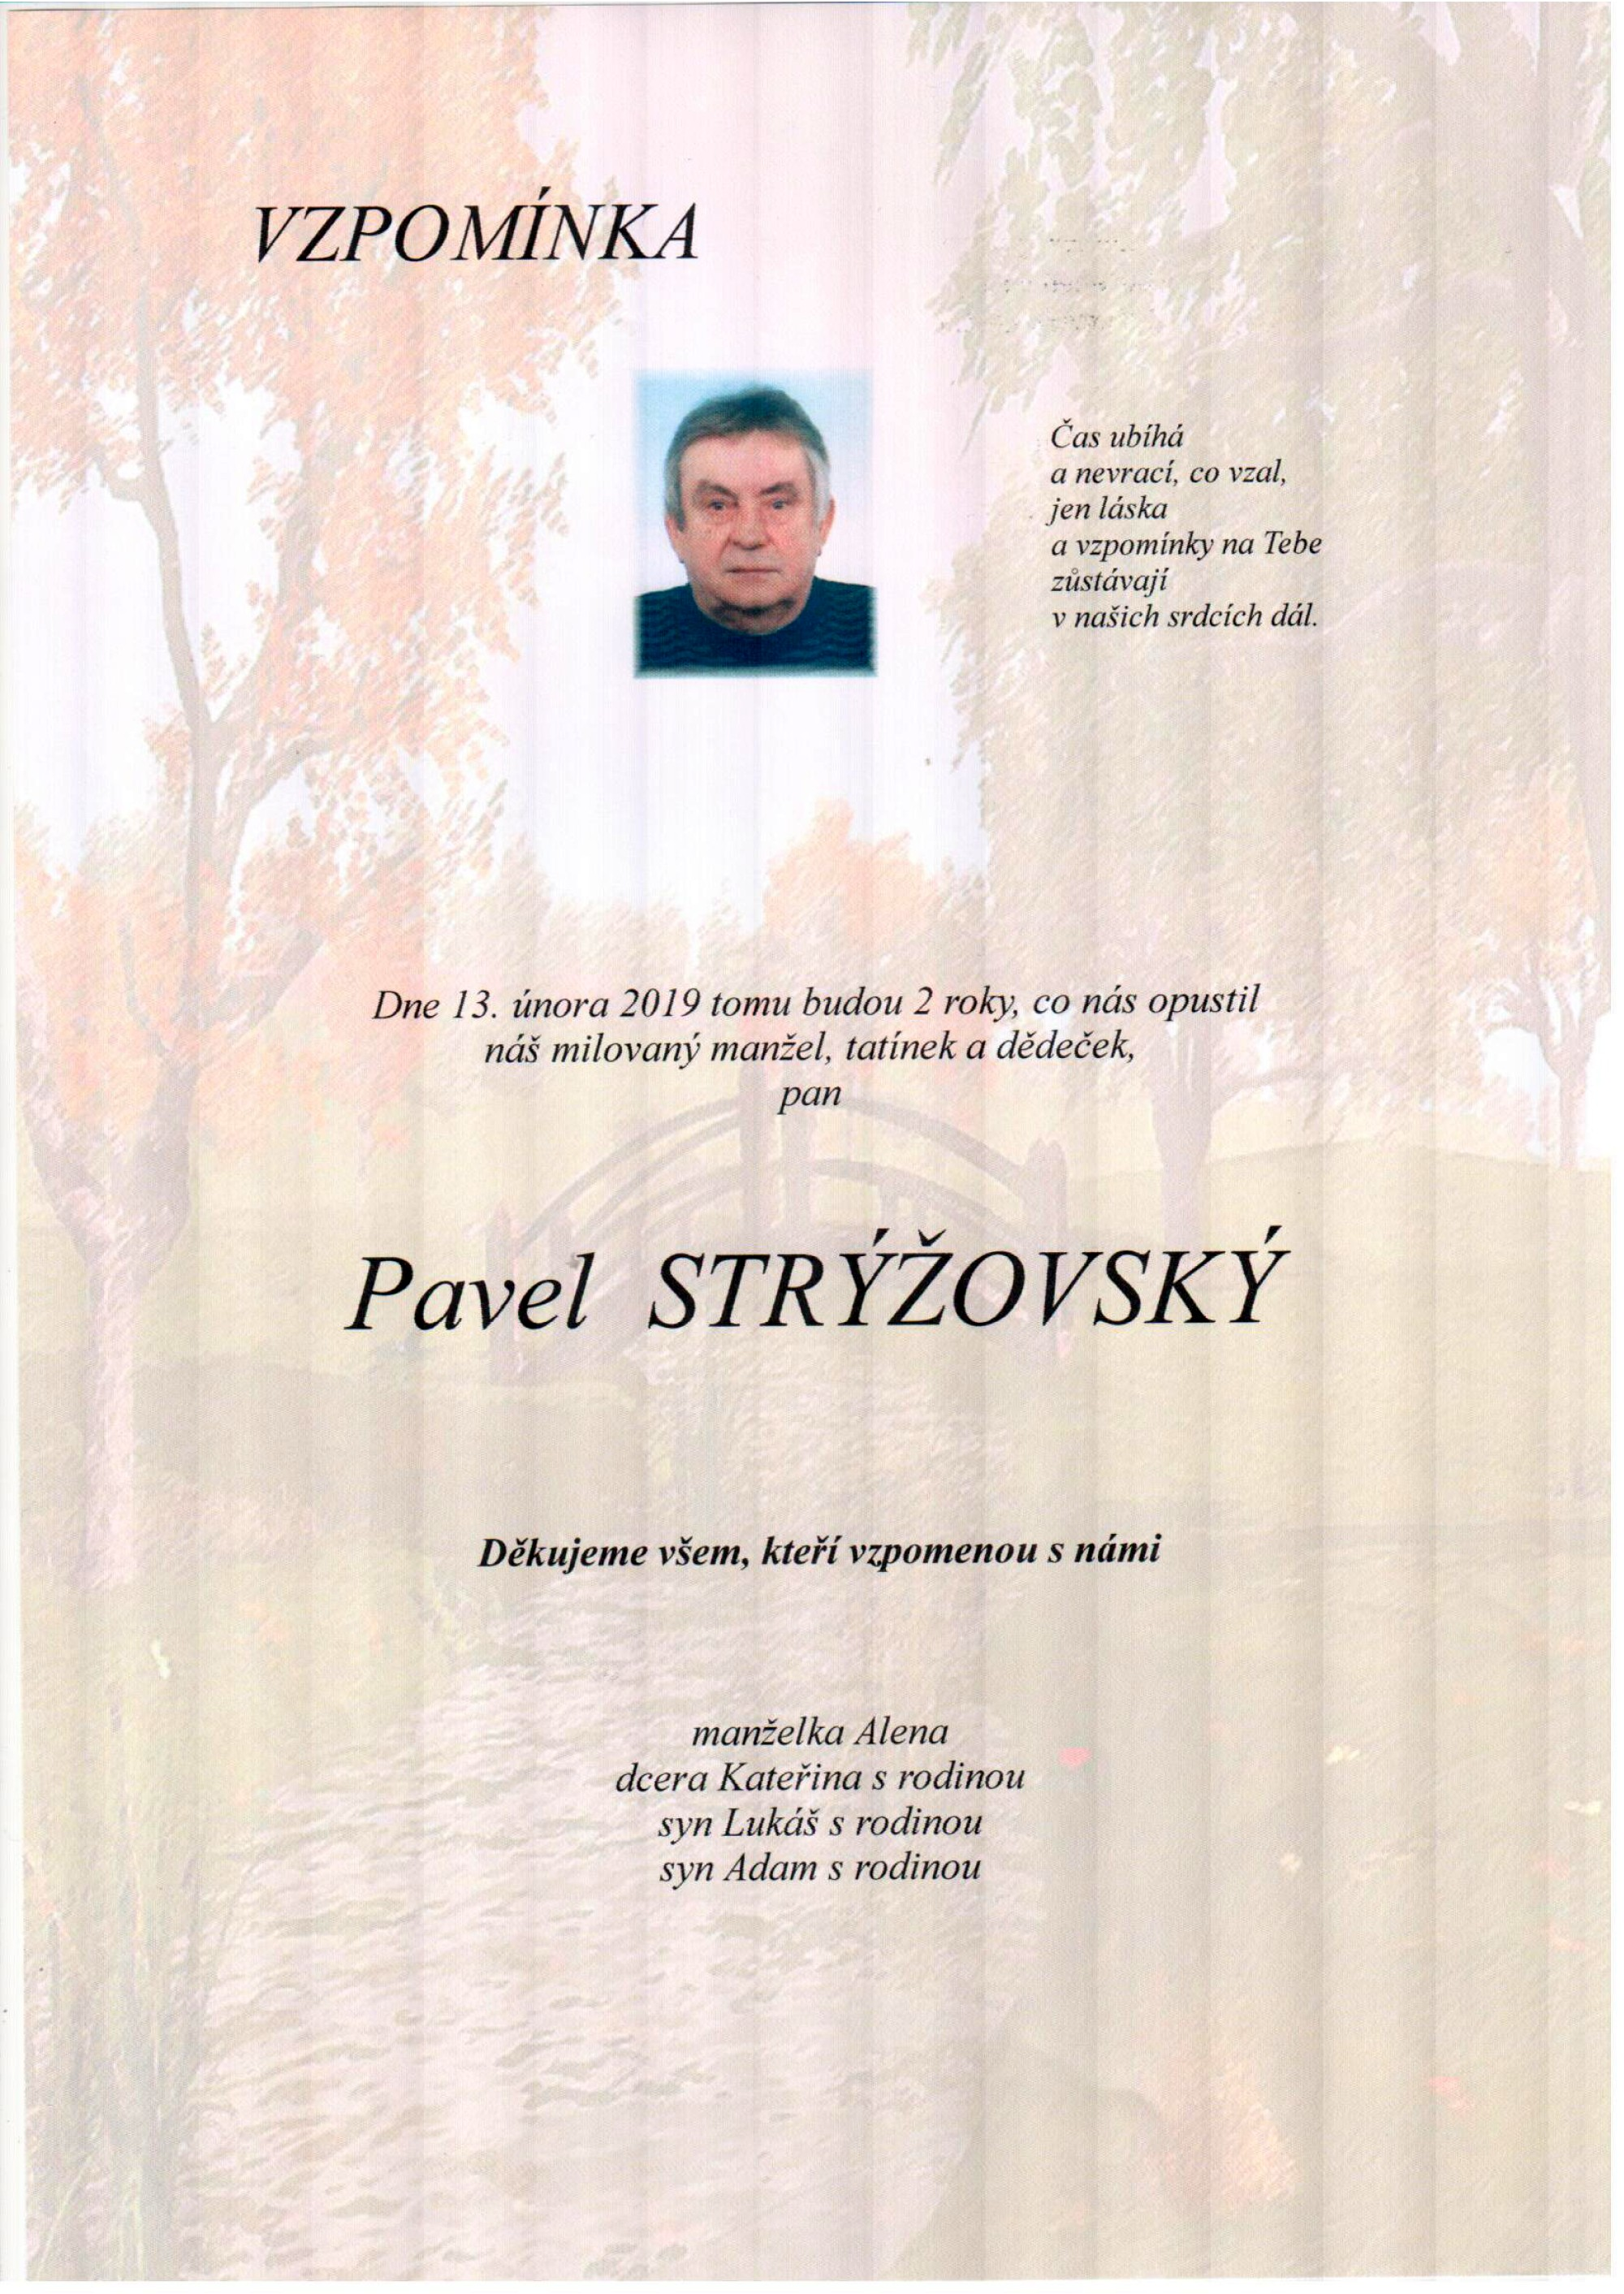 Pavel Strýžovský